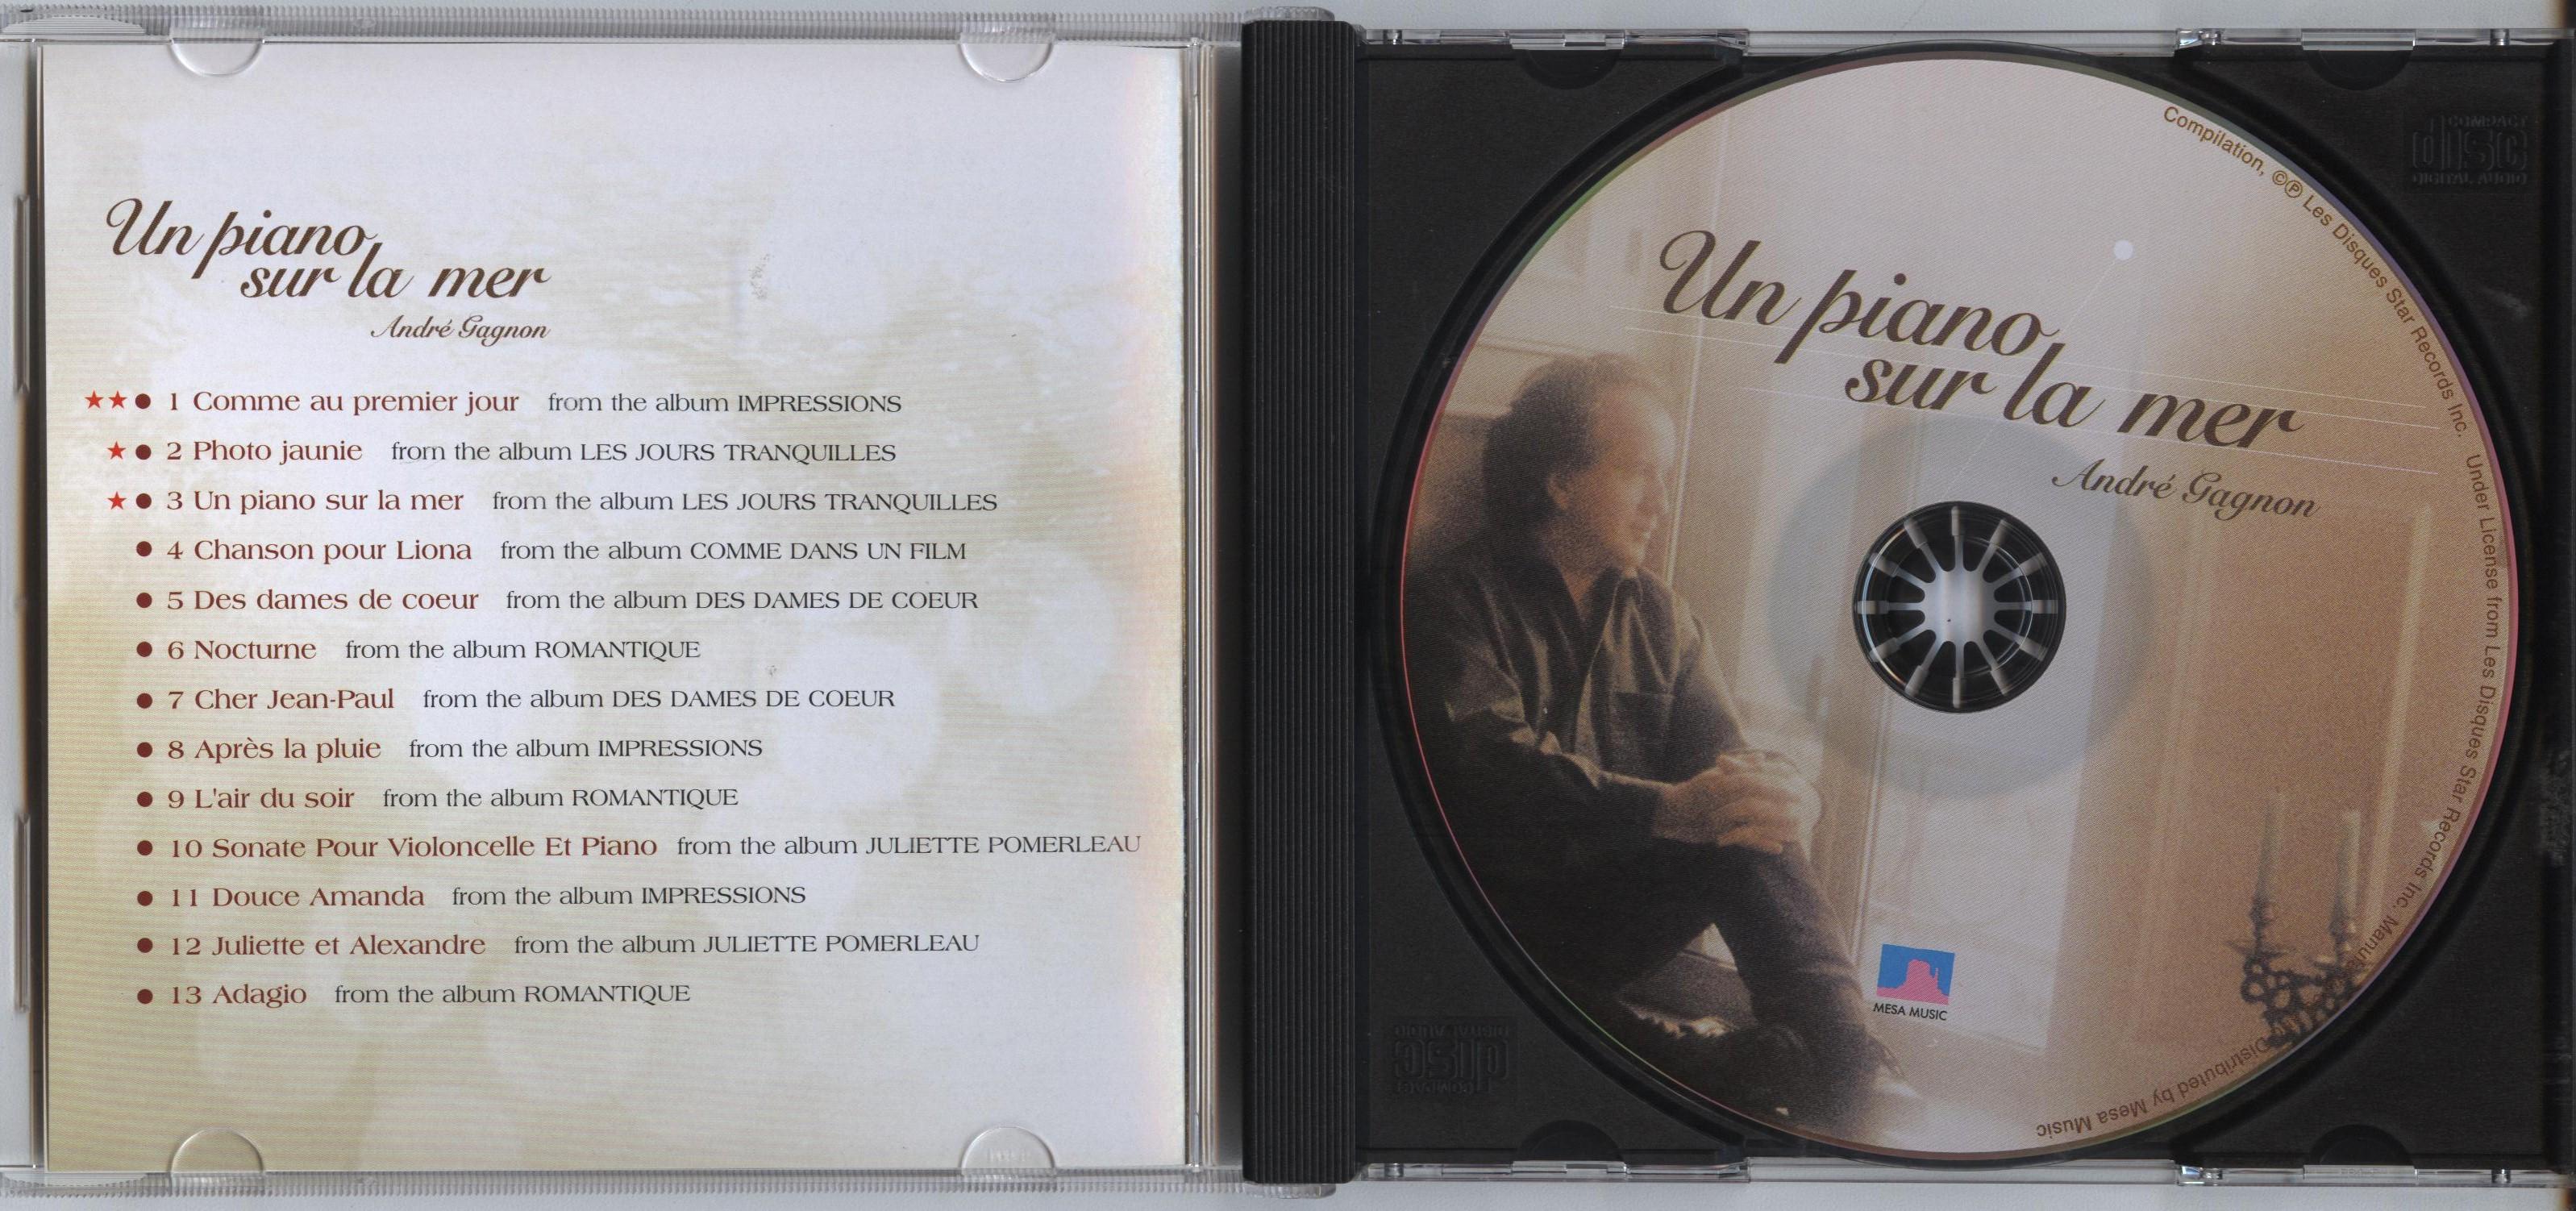 http://dl.songsara.net/instrumental/Album%20I/Andre%20Gagnon_Un%20Piano%20Sur%20La%20Mer%20(2003)%20SONGSARA.NET/CD.jpg